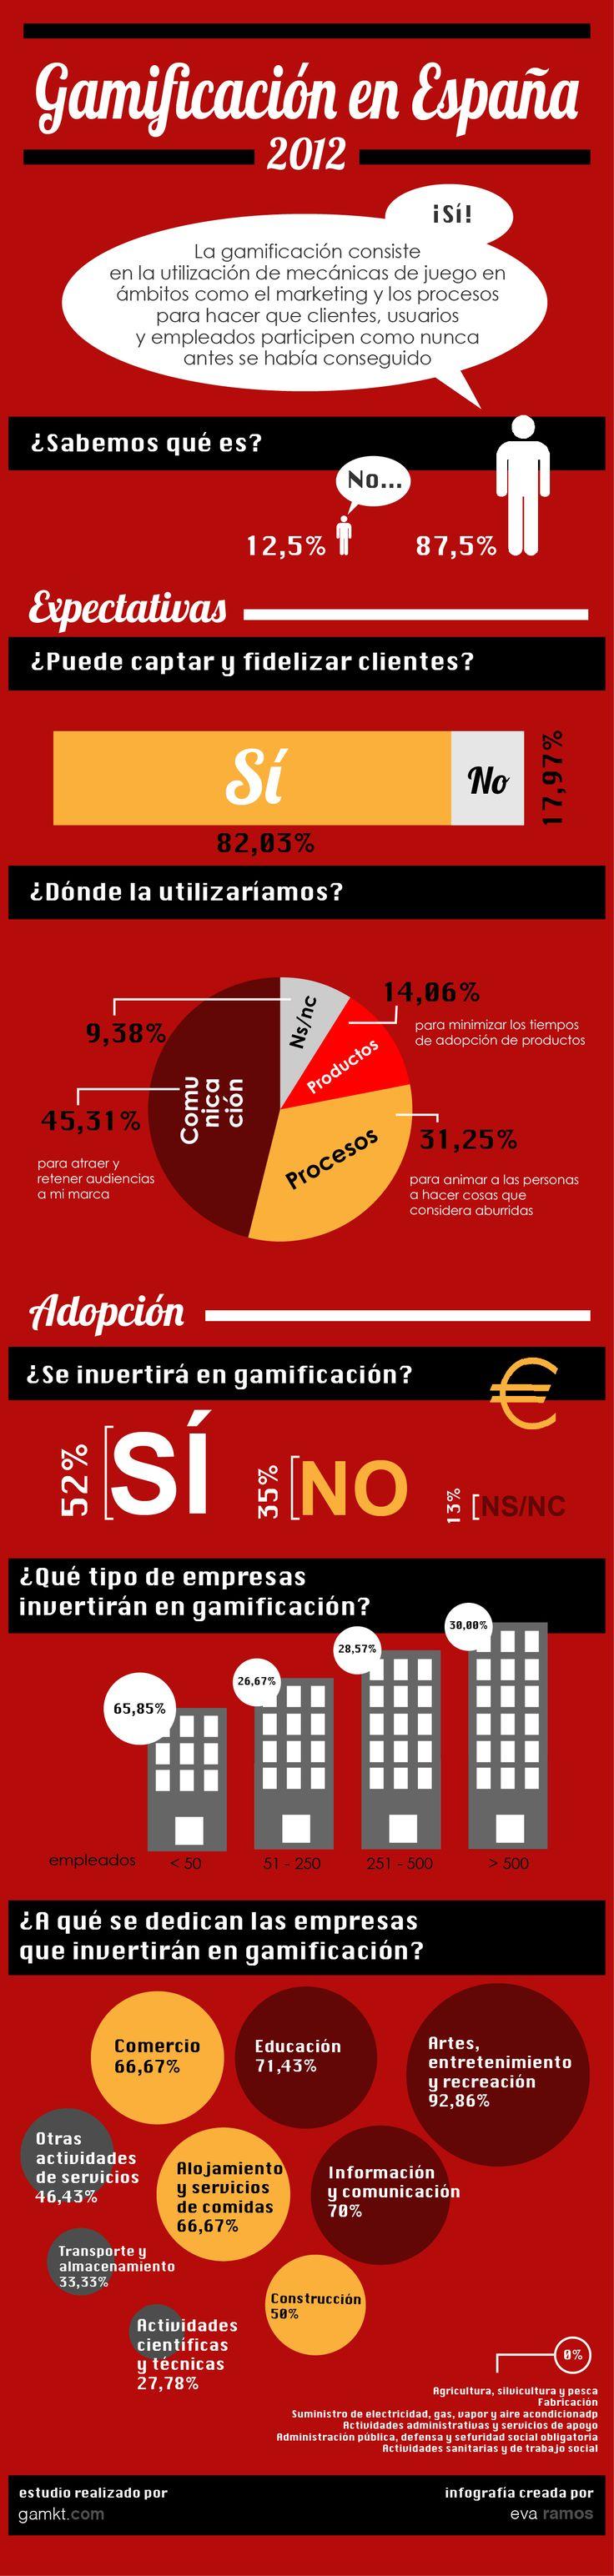 estudio-2012- #gamificacion